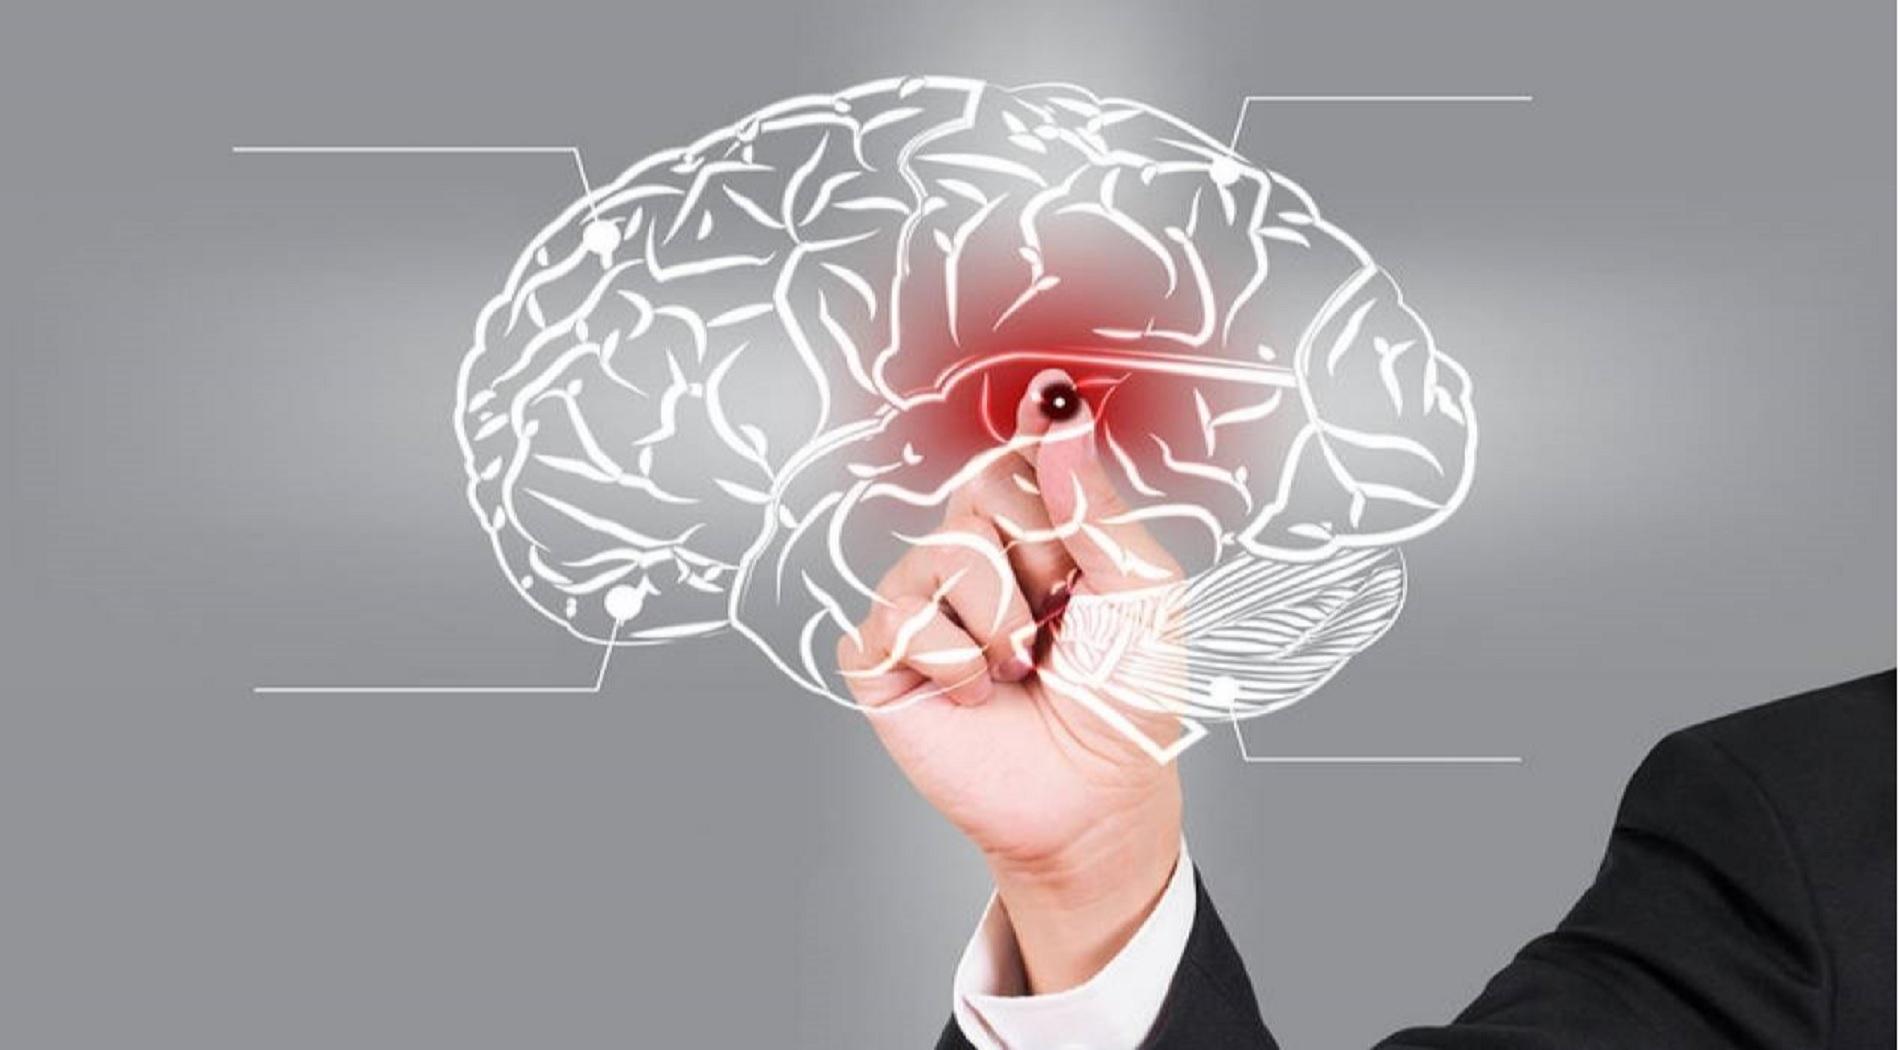 Αλγόριθμος ανιχνεύει τις εγκεφαλικές αιμορραγίες